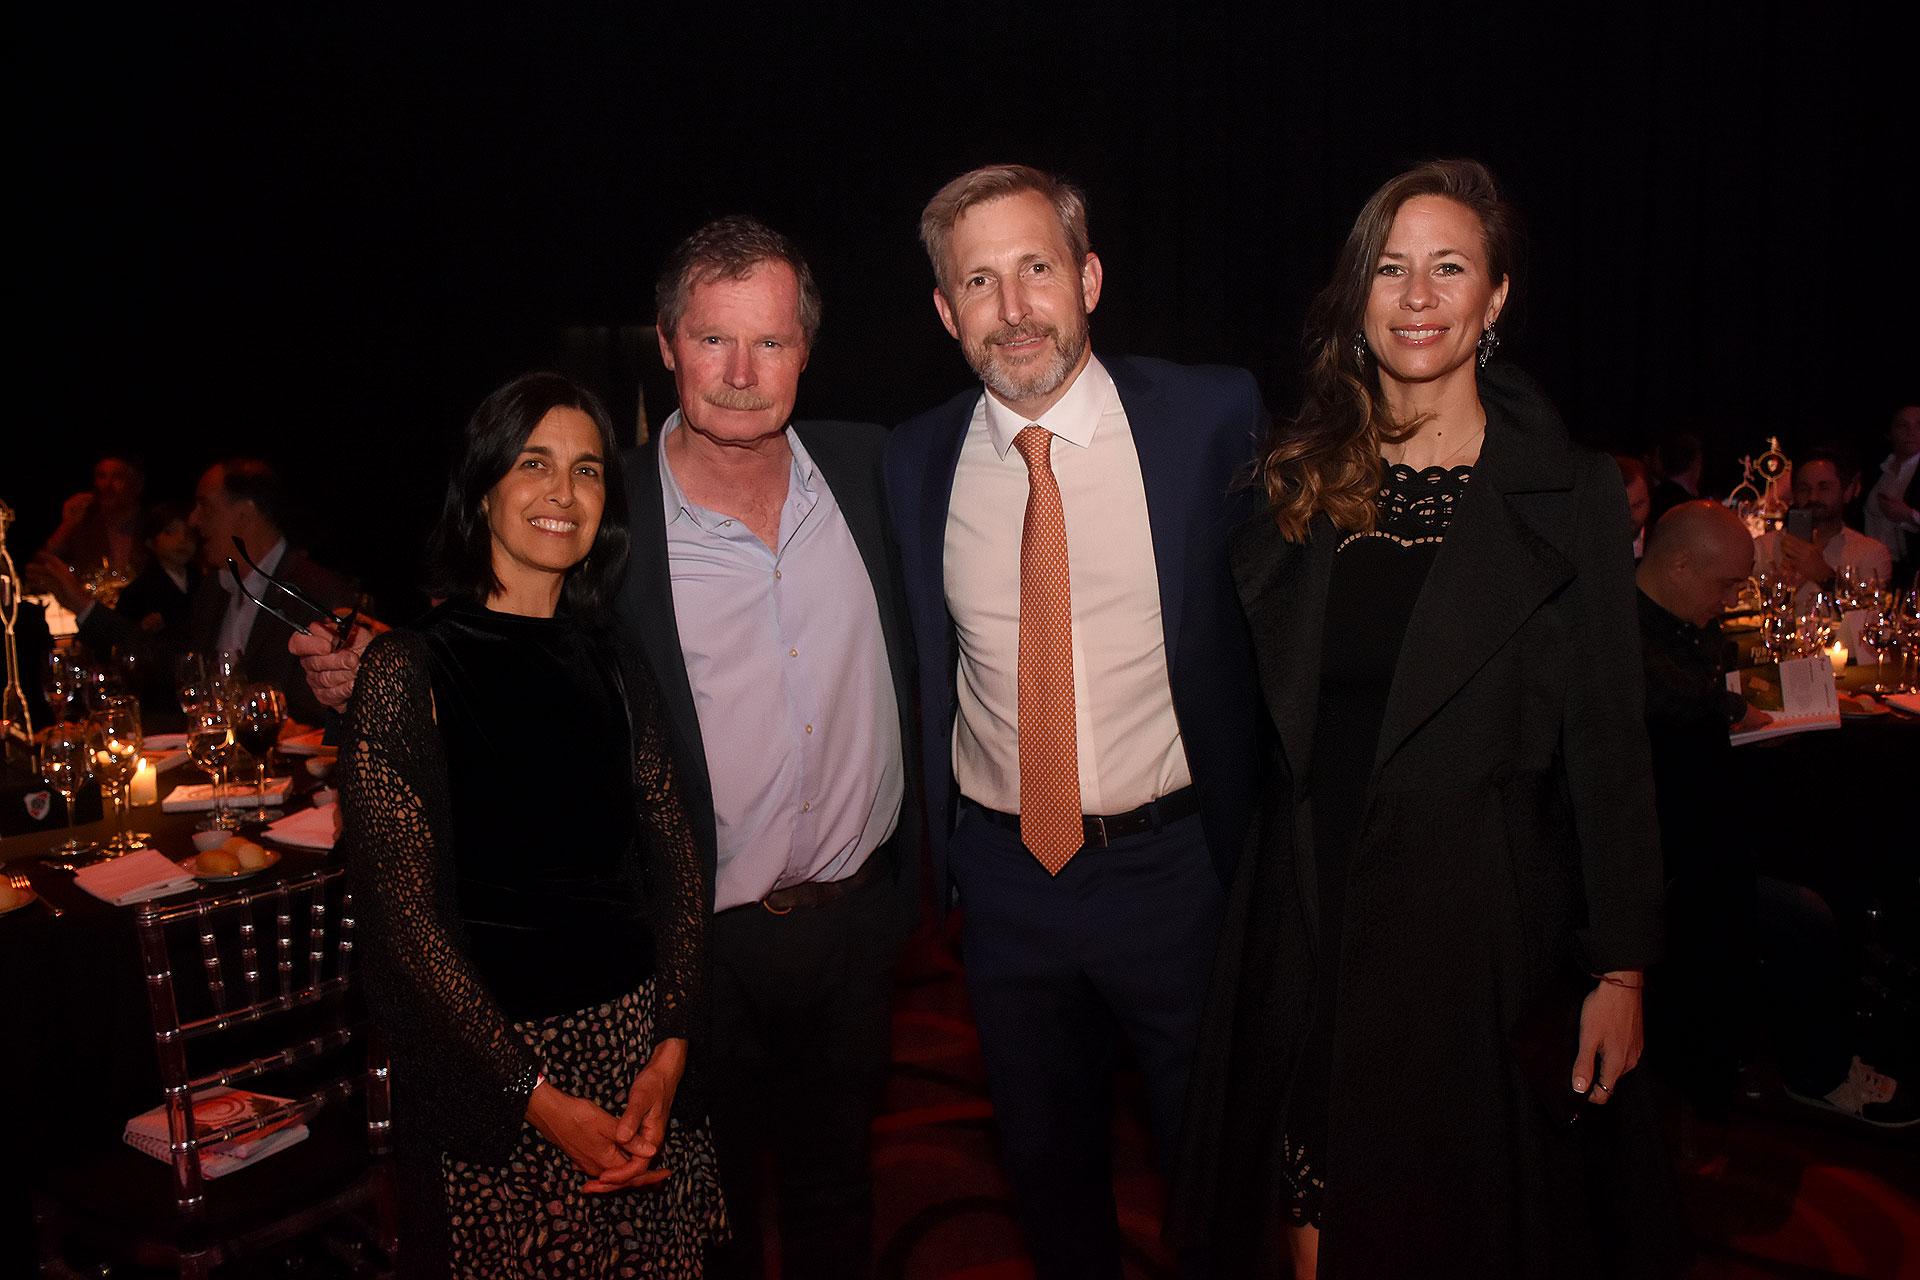 Juan Carr y Rogelio Frigerio con sus mujeres